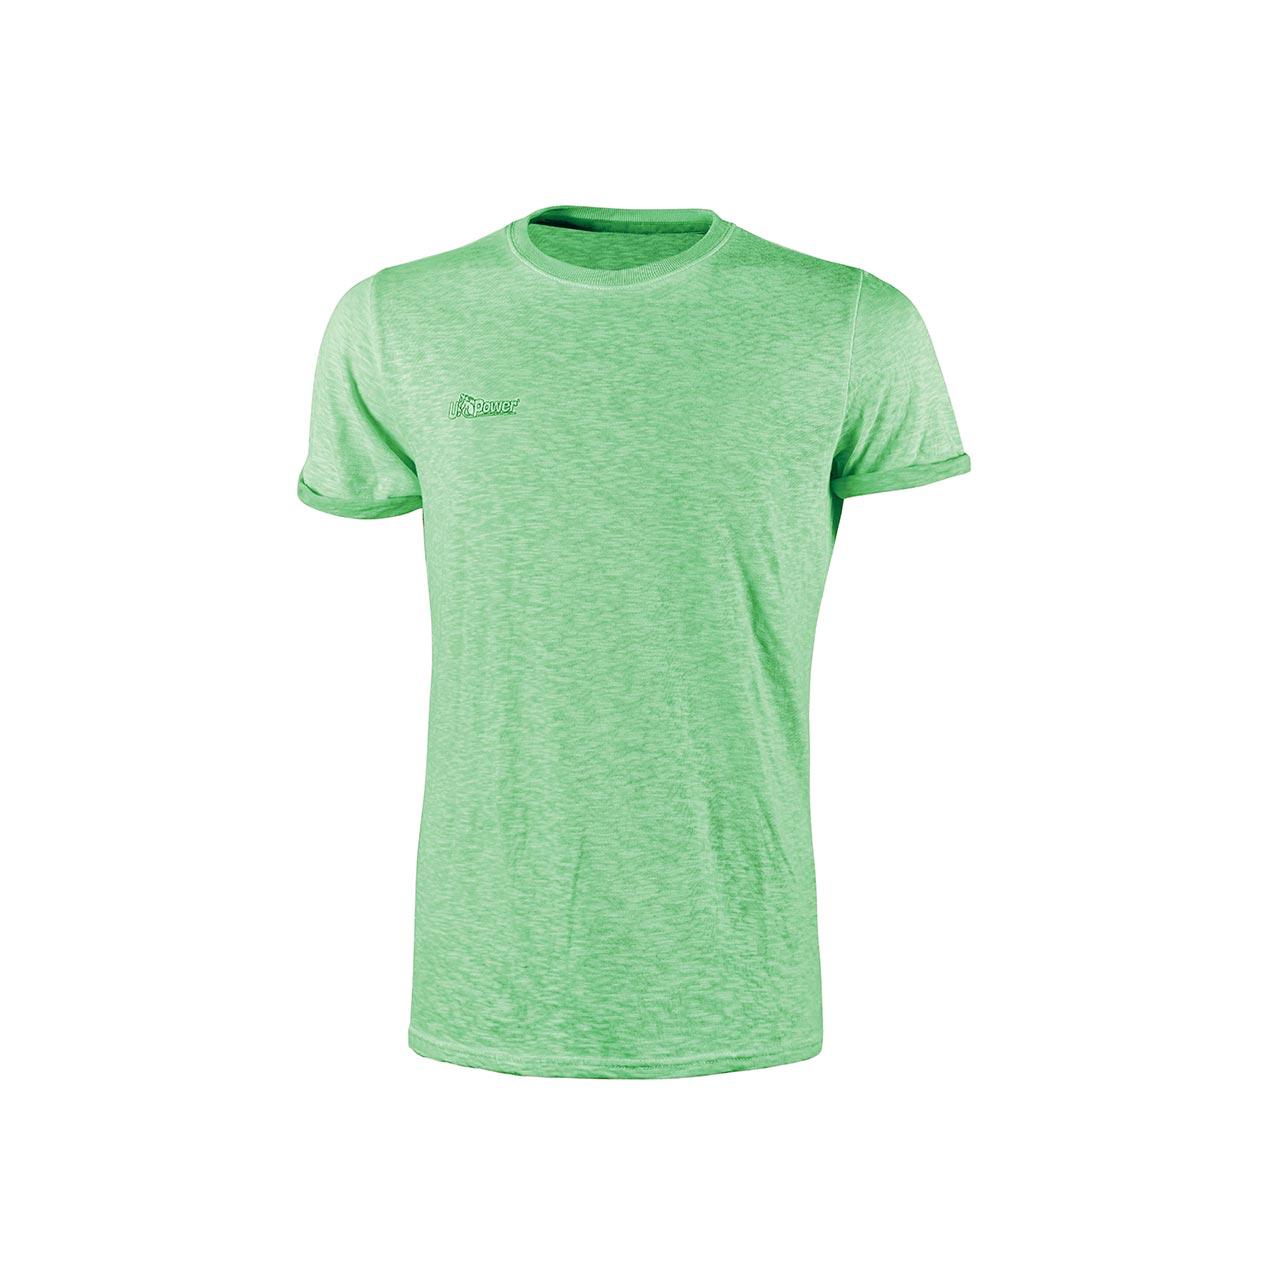 T-shirt da Lavoro UPower Modello Fluo 100% cotone